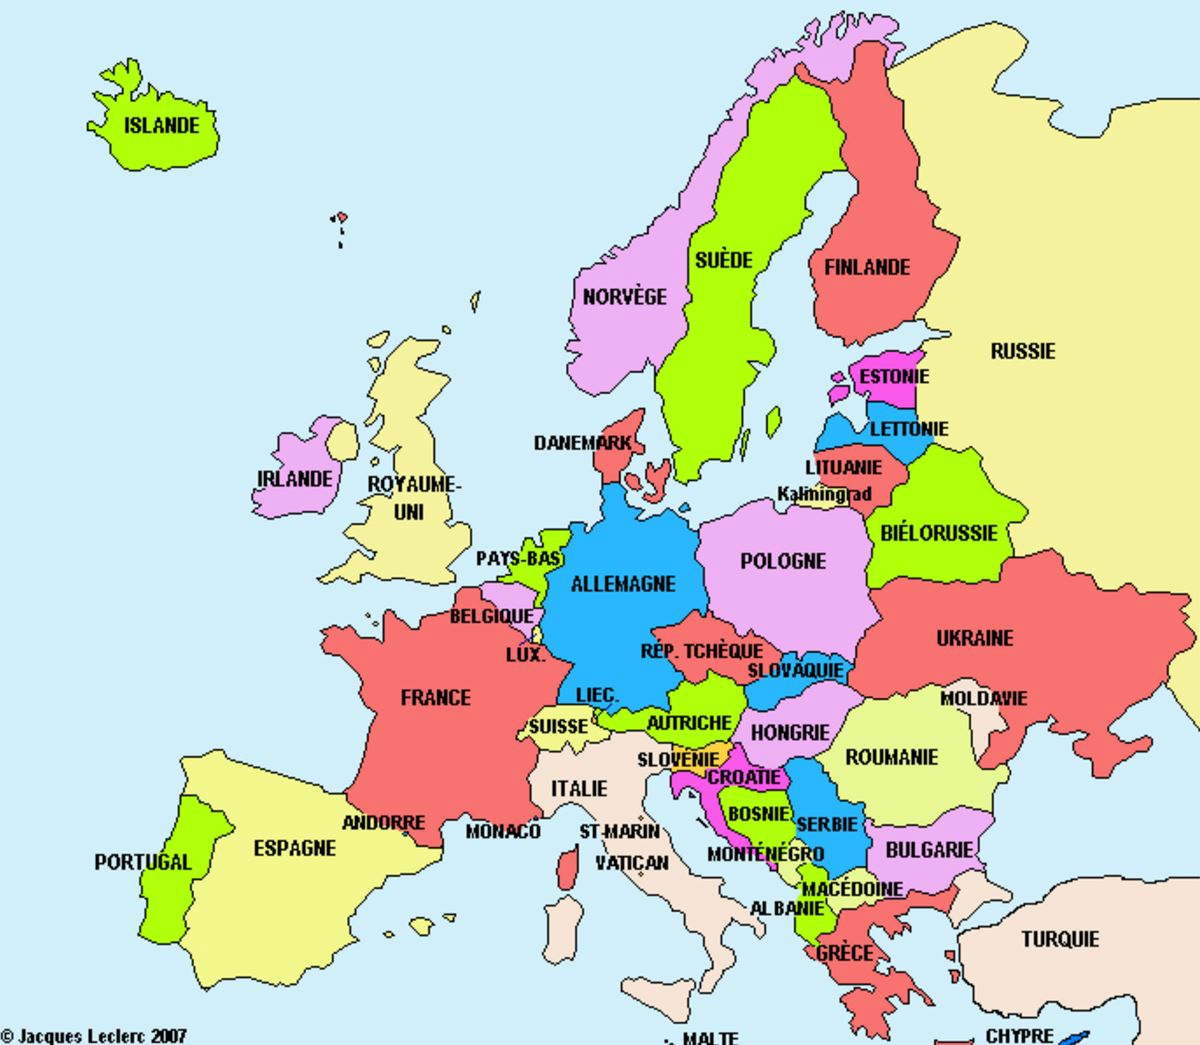 La Carte D'europe Et Ses Pays + Activités - Le Blog Du Cours à Carte Des Pays D Europe